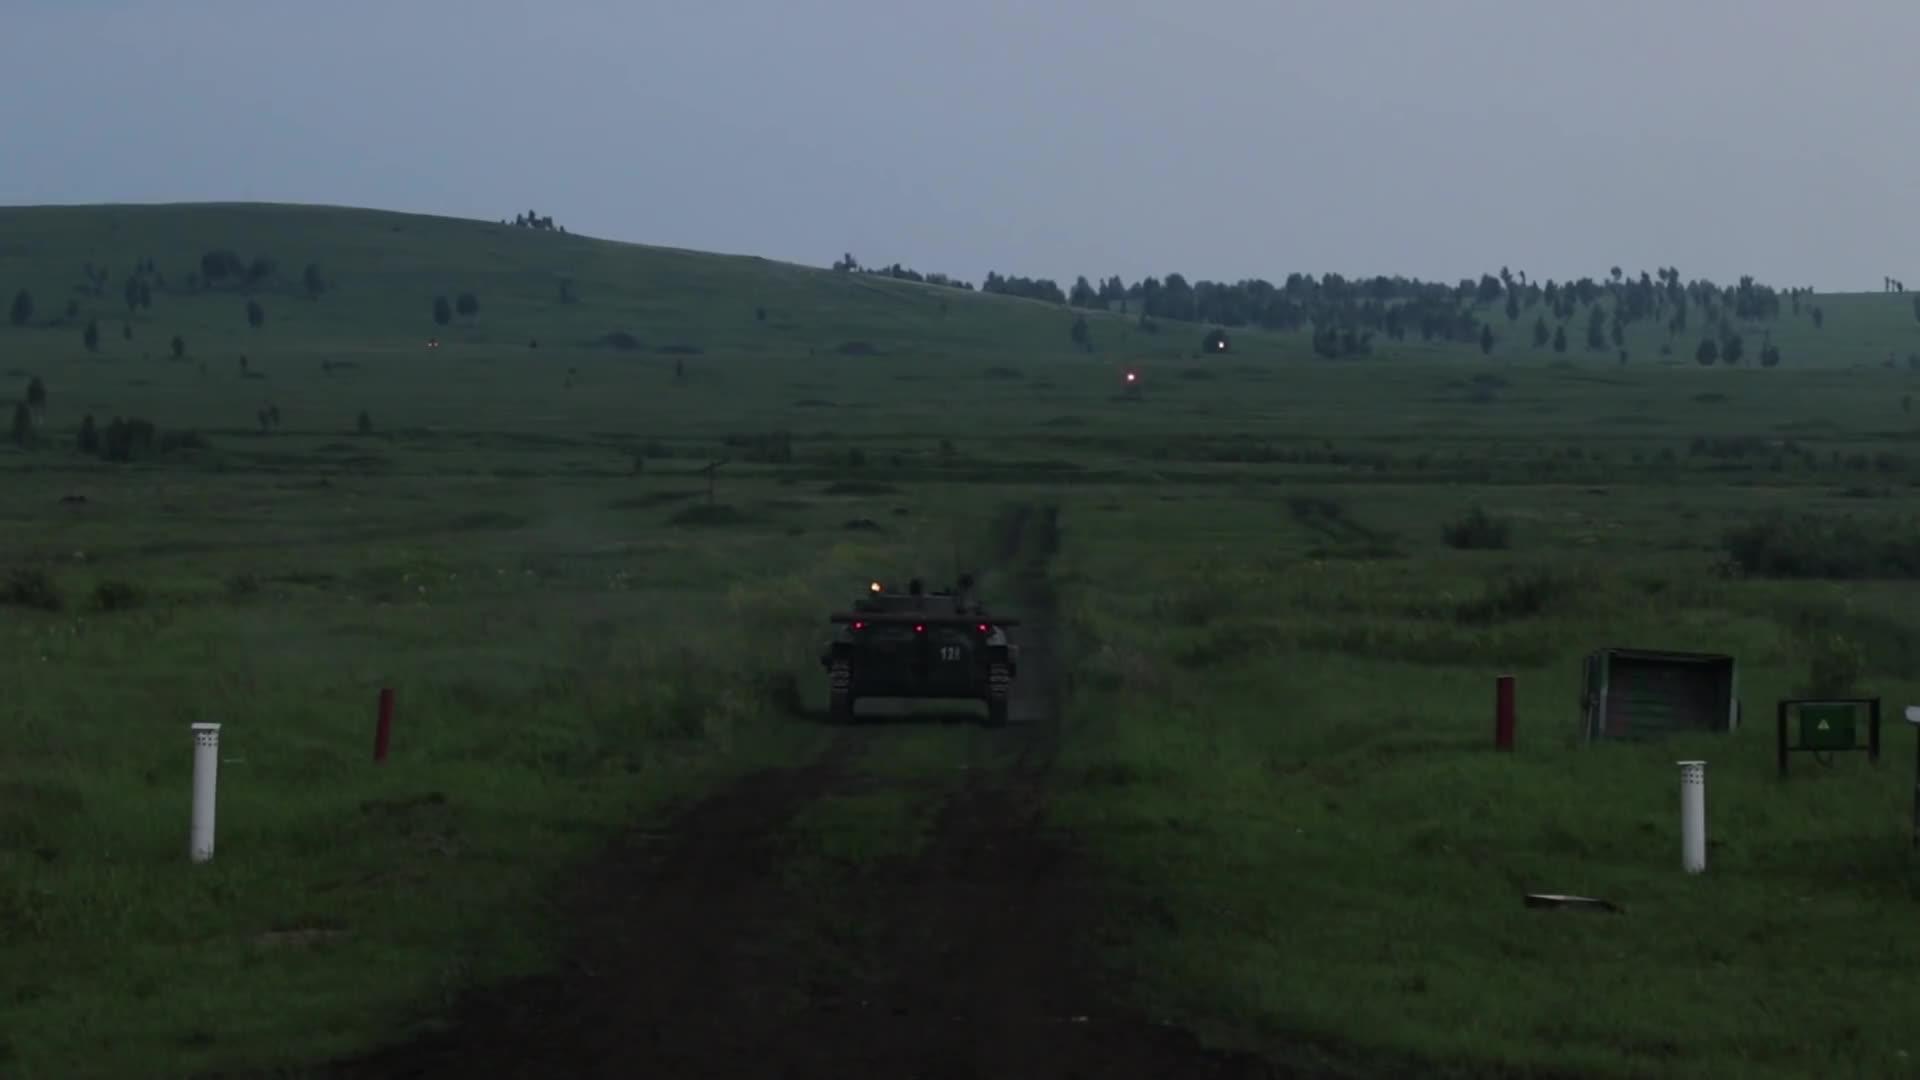 BMP, BMP-2 night fire GIFs